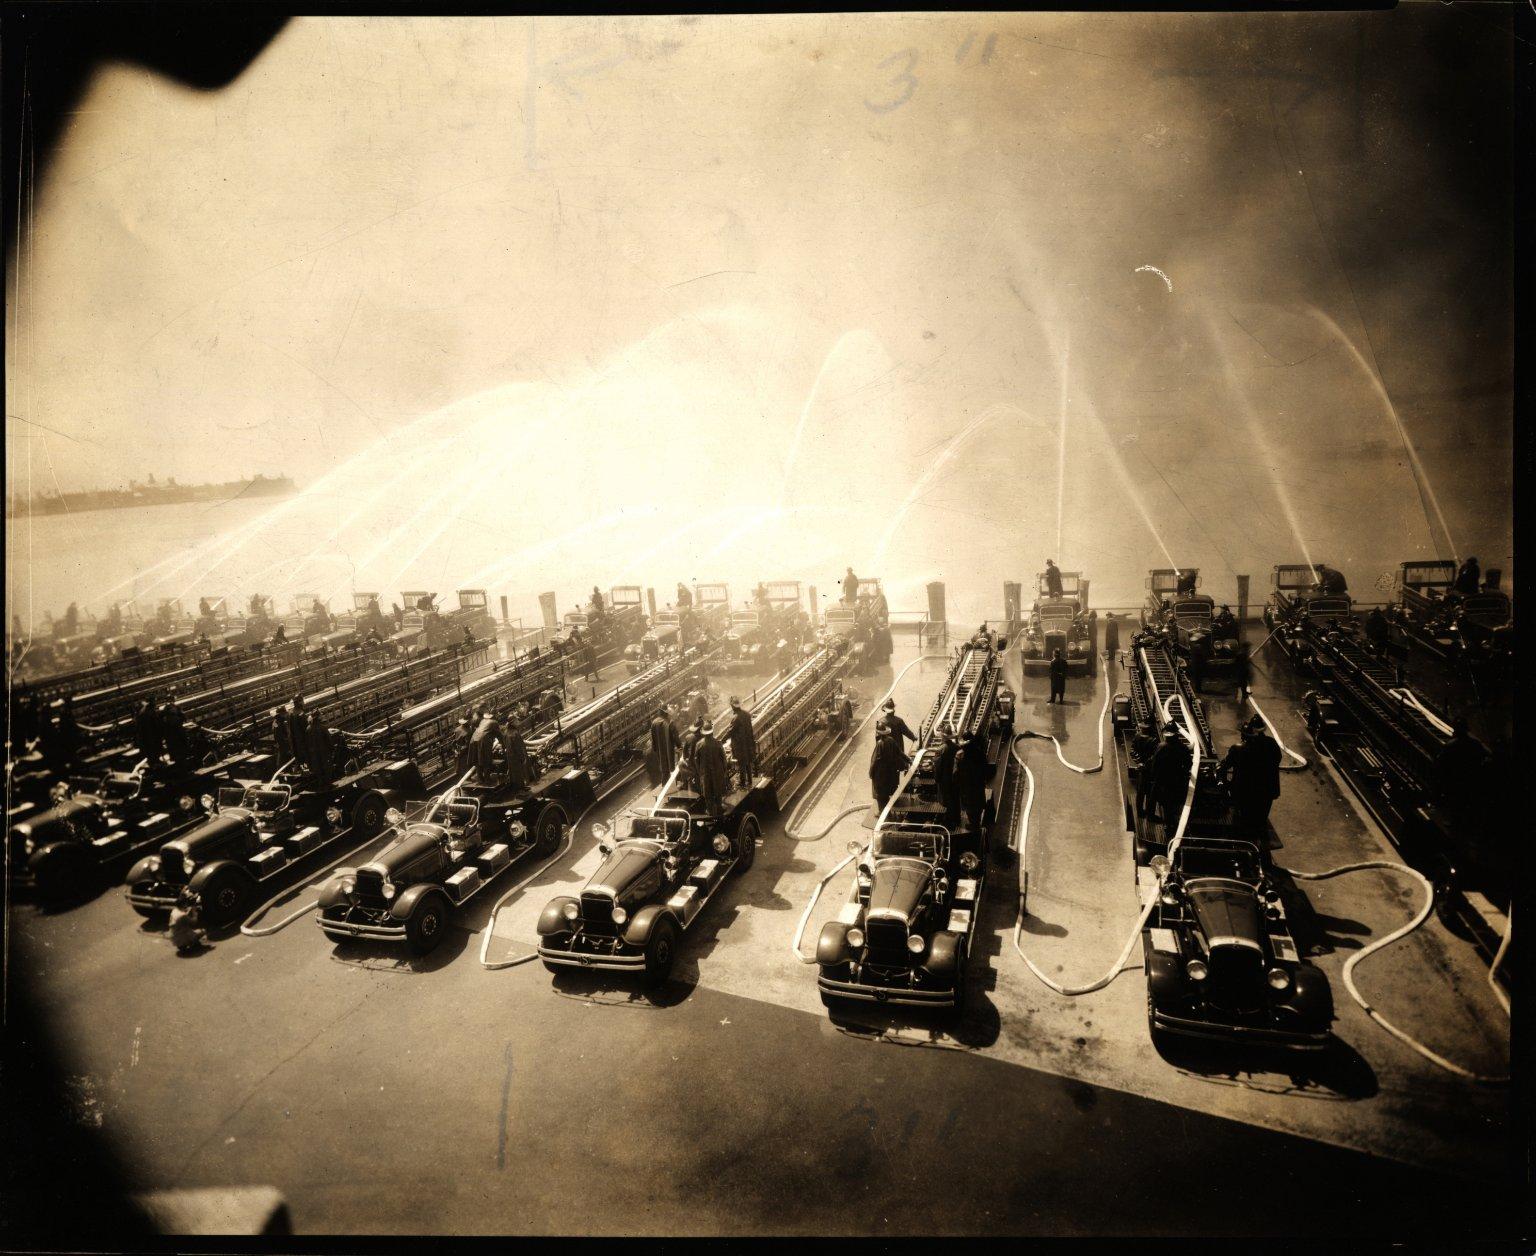 Испытания новой пожарной техники в Баттери-Парк. Нью-Йорк, США. 1937 год